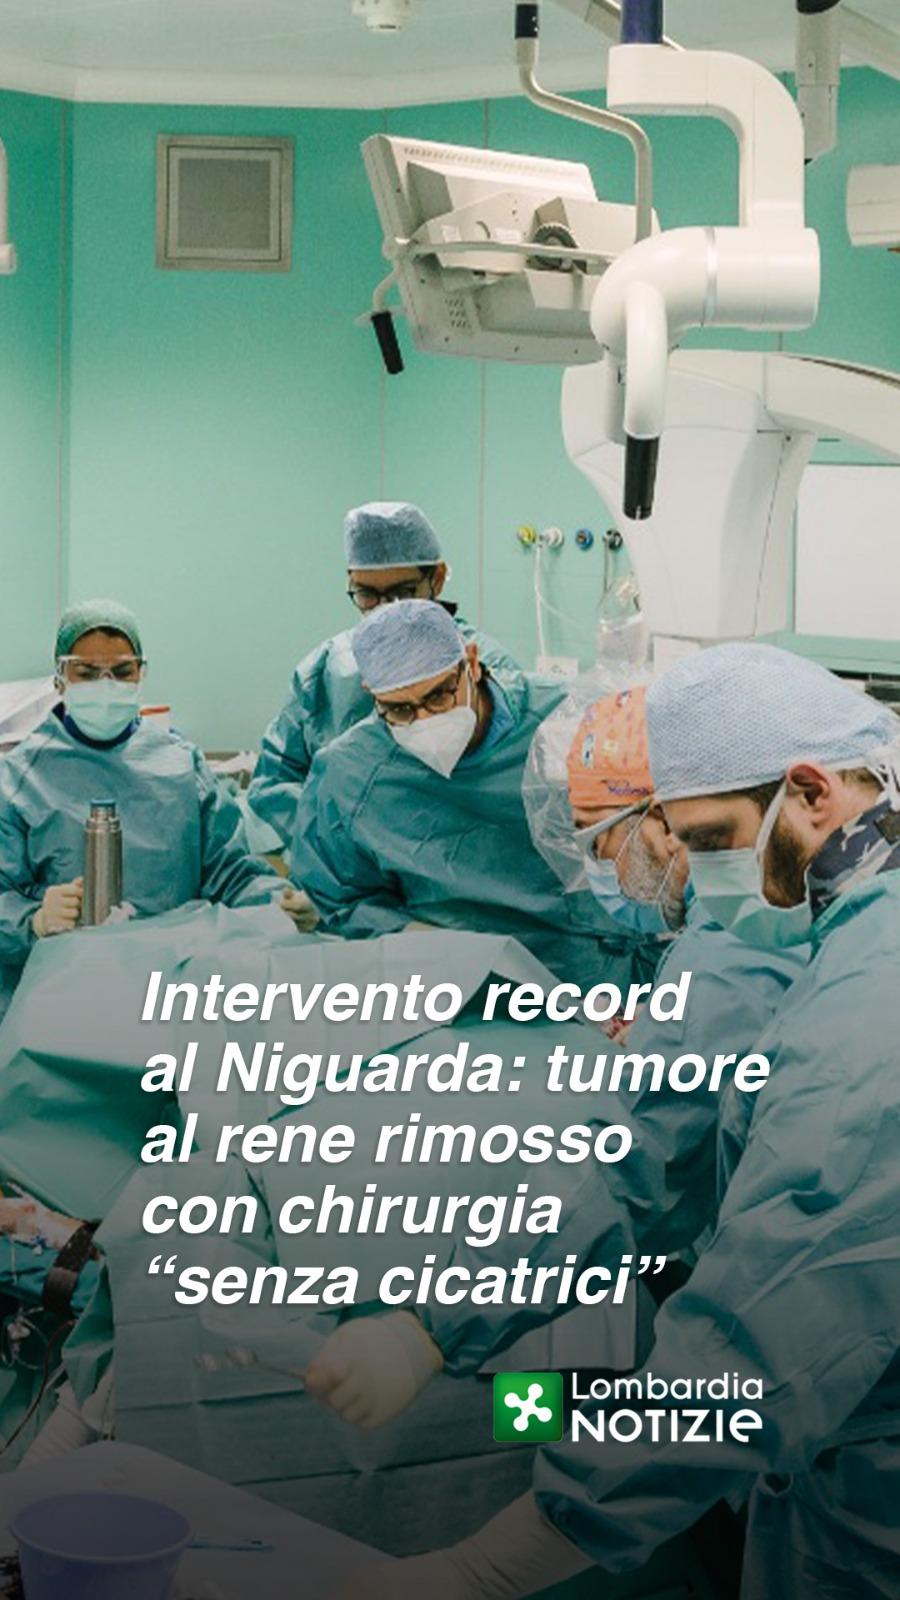 """Niguarda – rimosso tumore al rene con chirurgia """"senza cicatrici"""""""